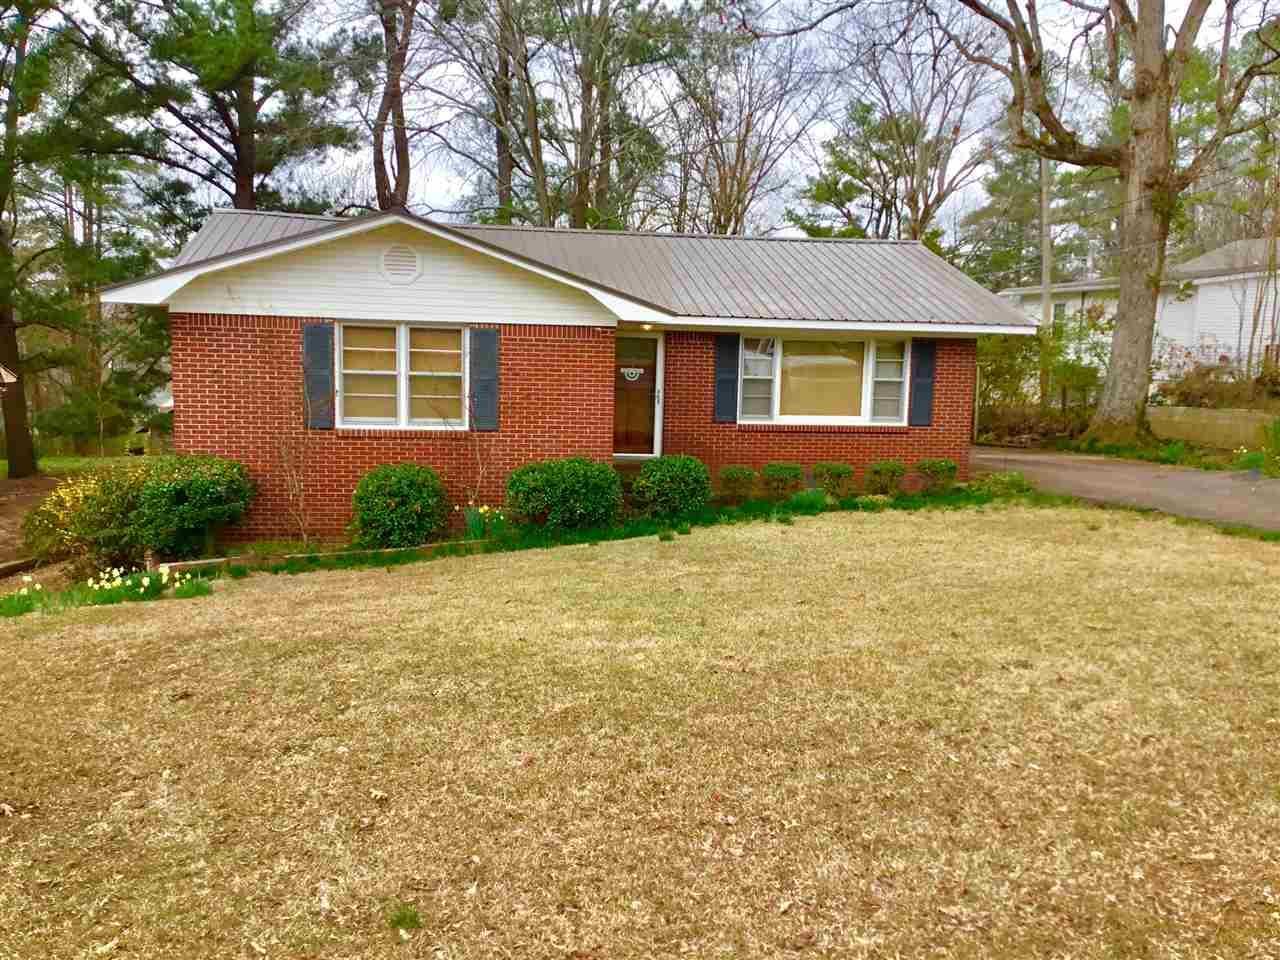 266 Woodlawn Dr, Selmer, TN